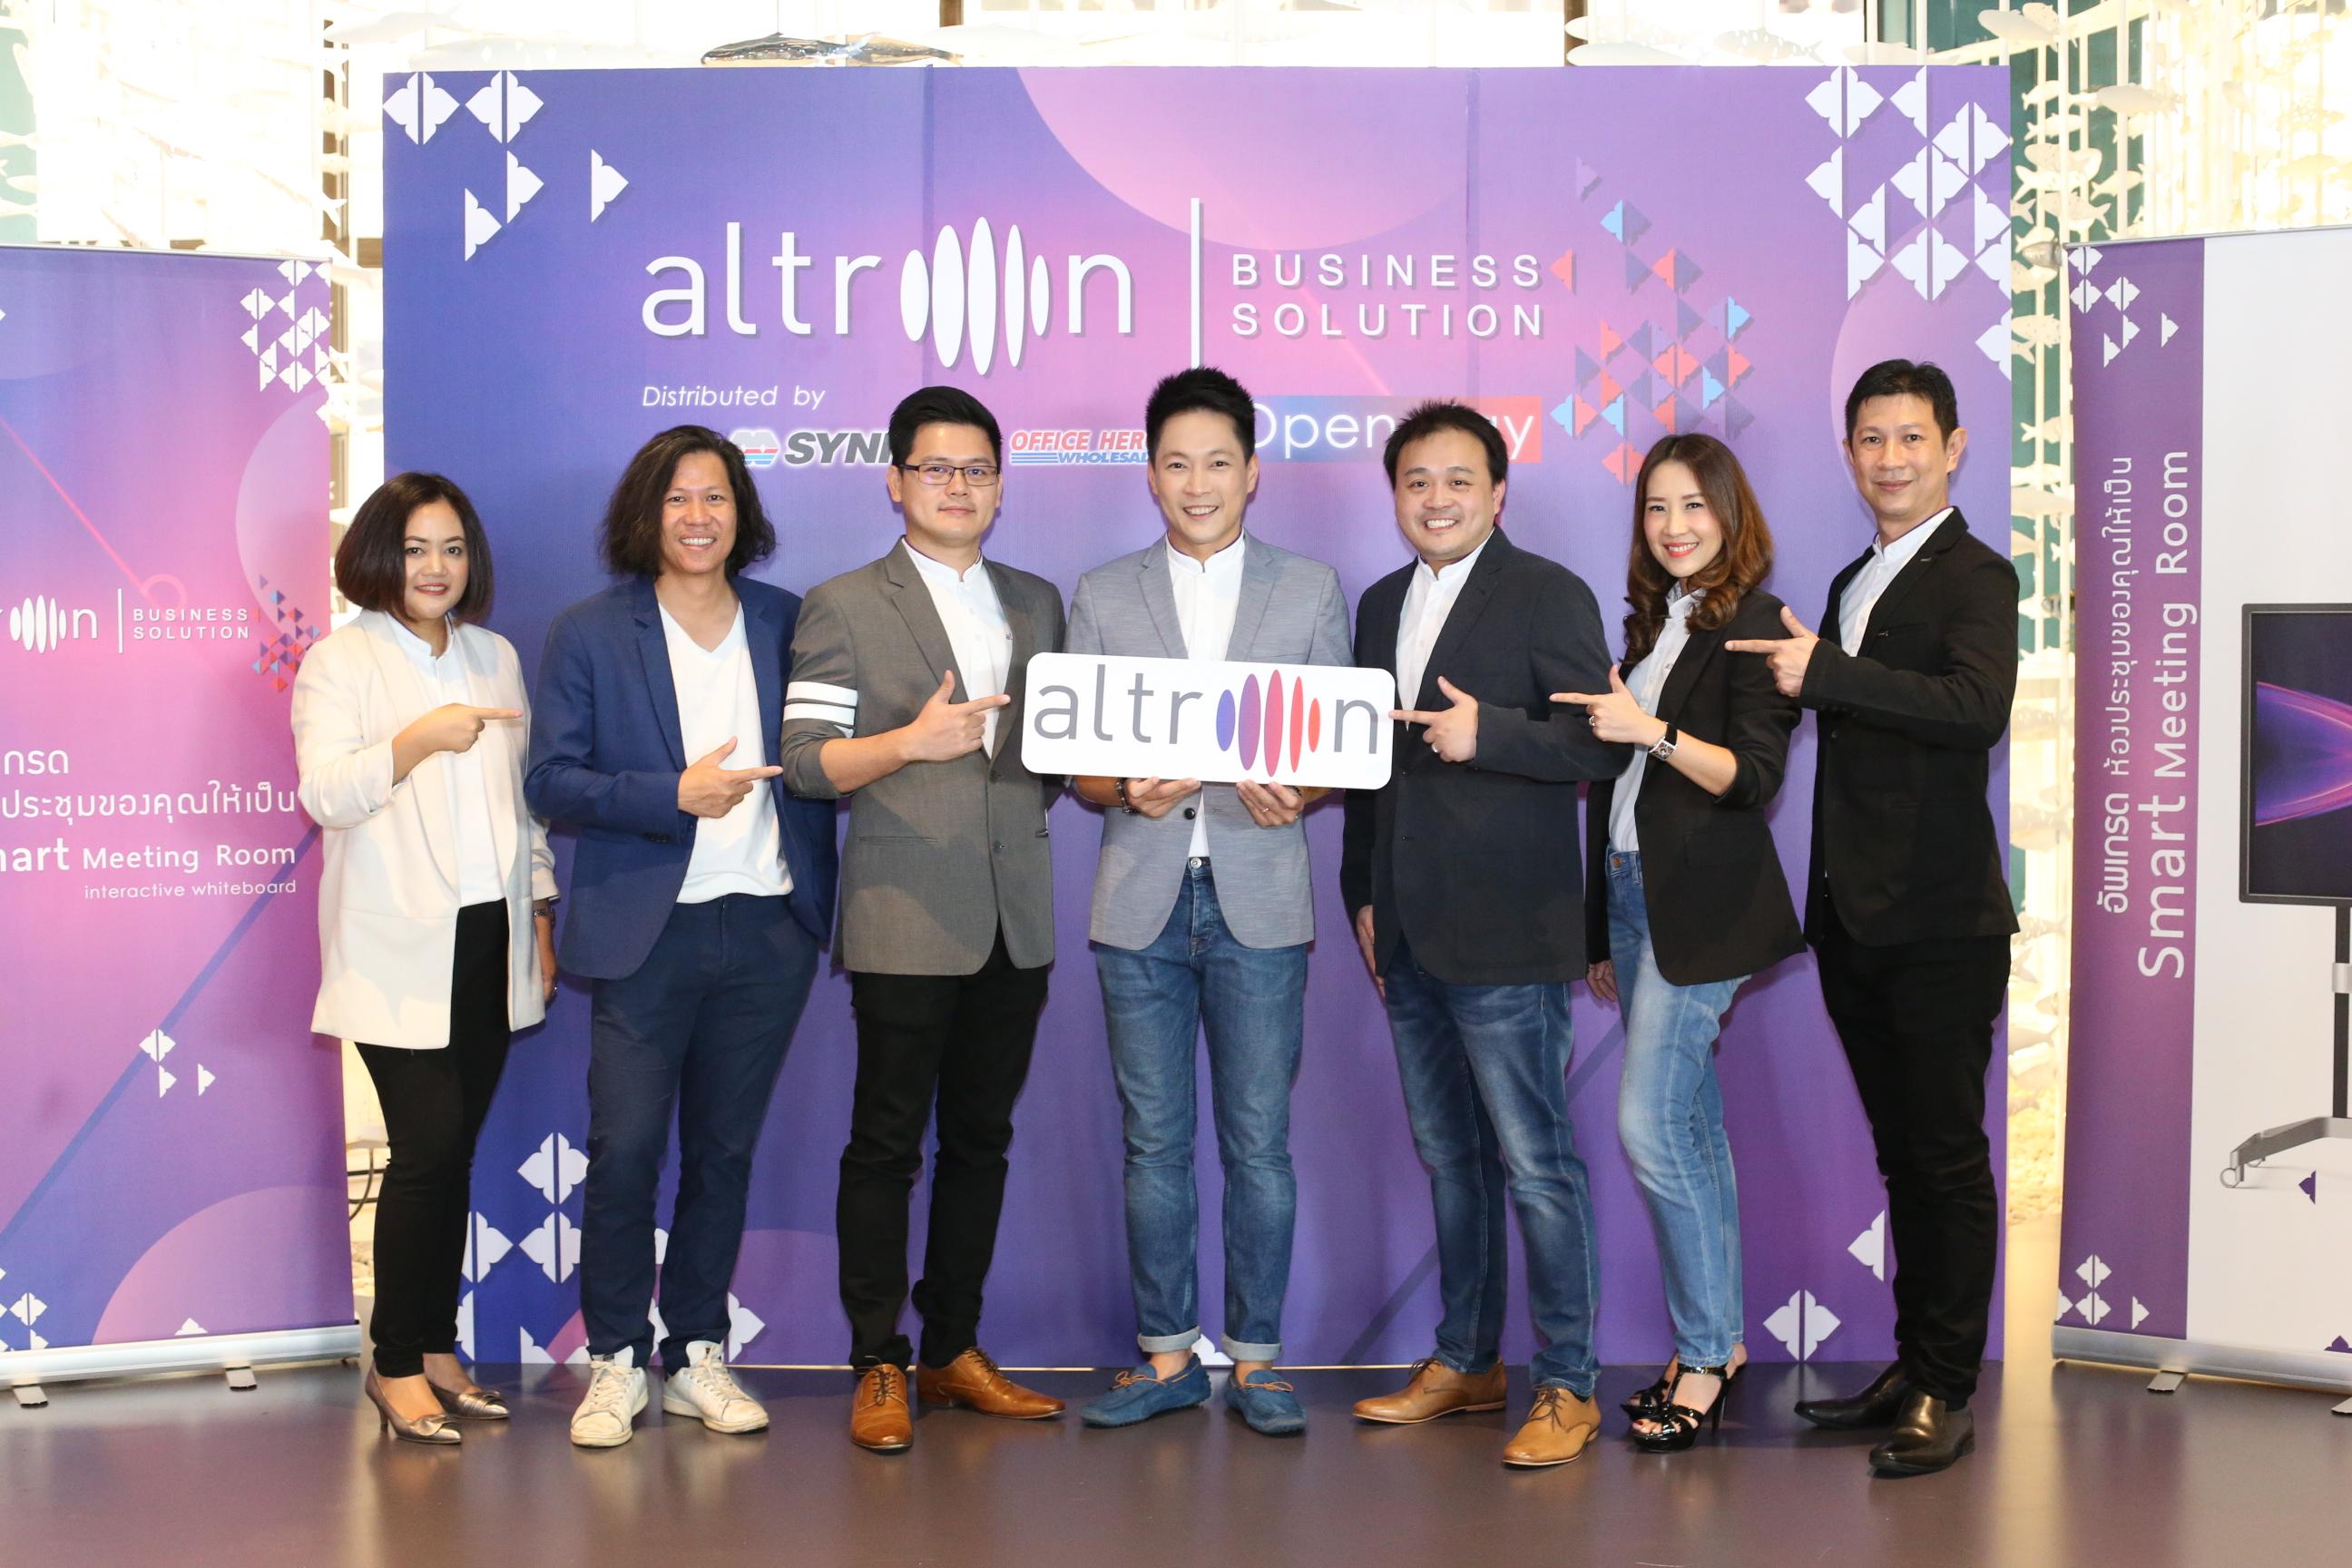 altron-IWB-Press-Conference (1)